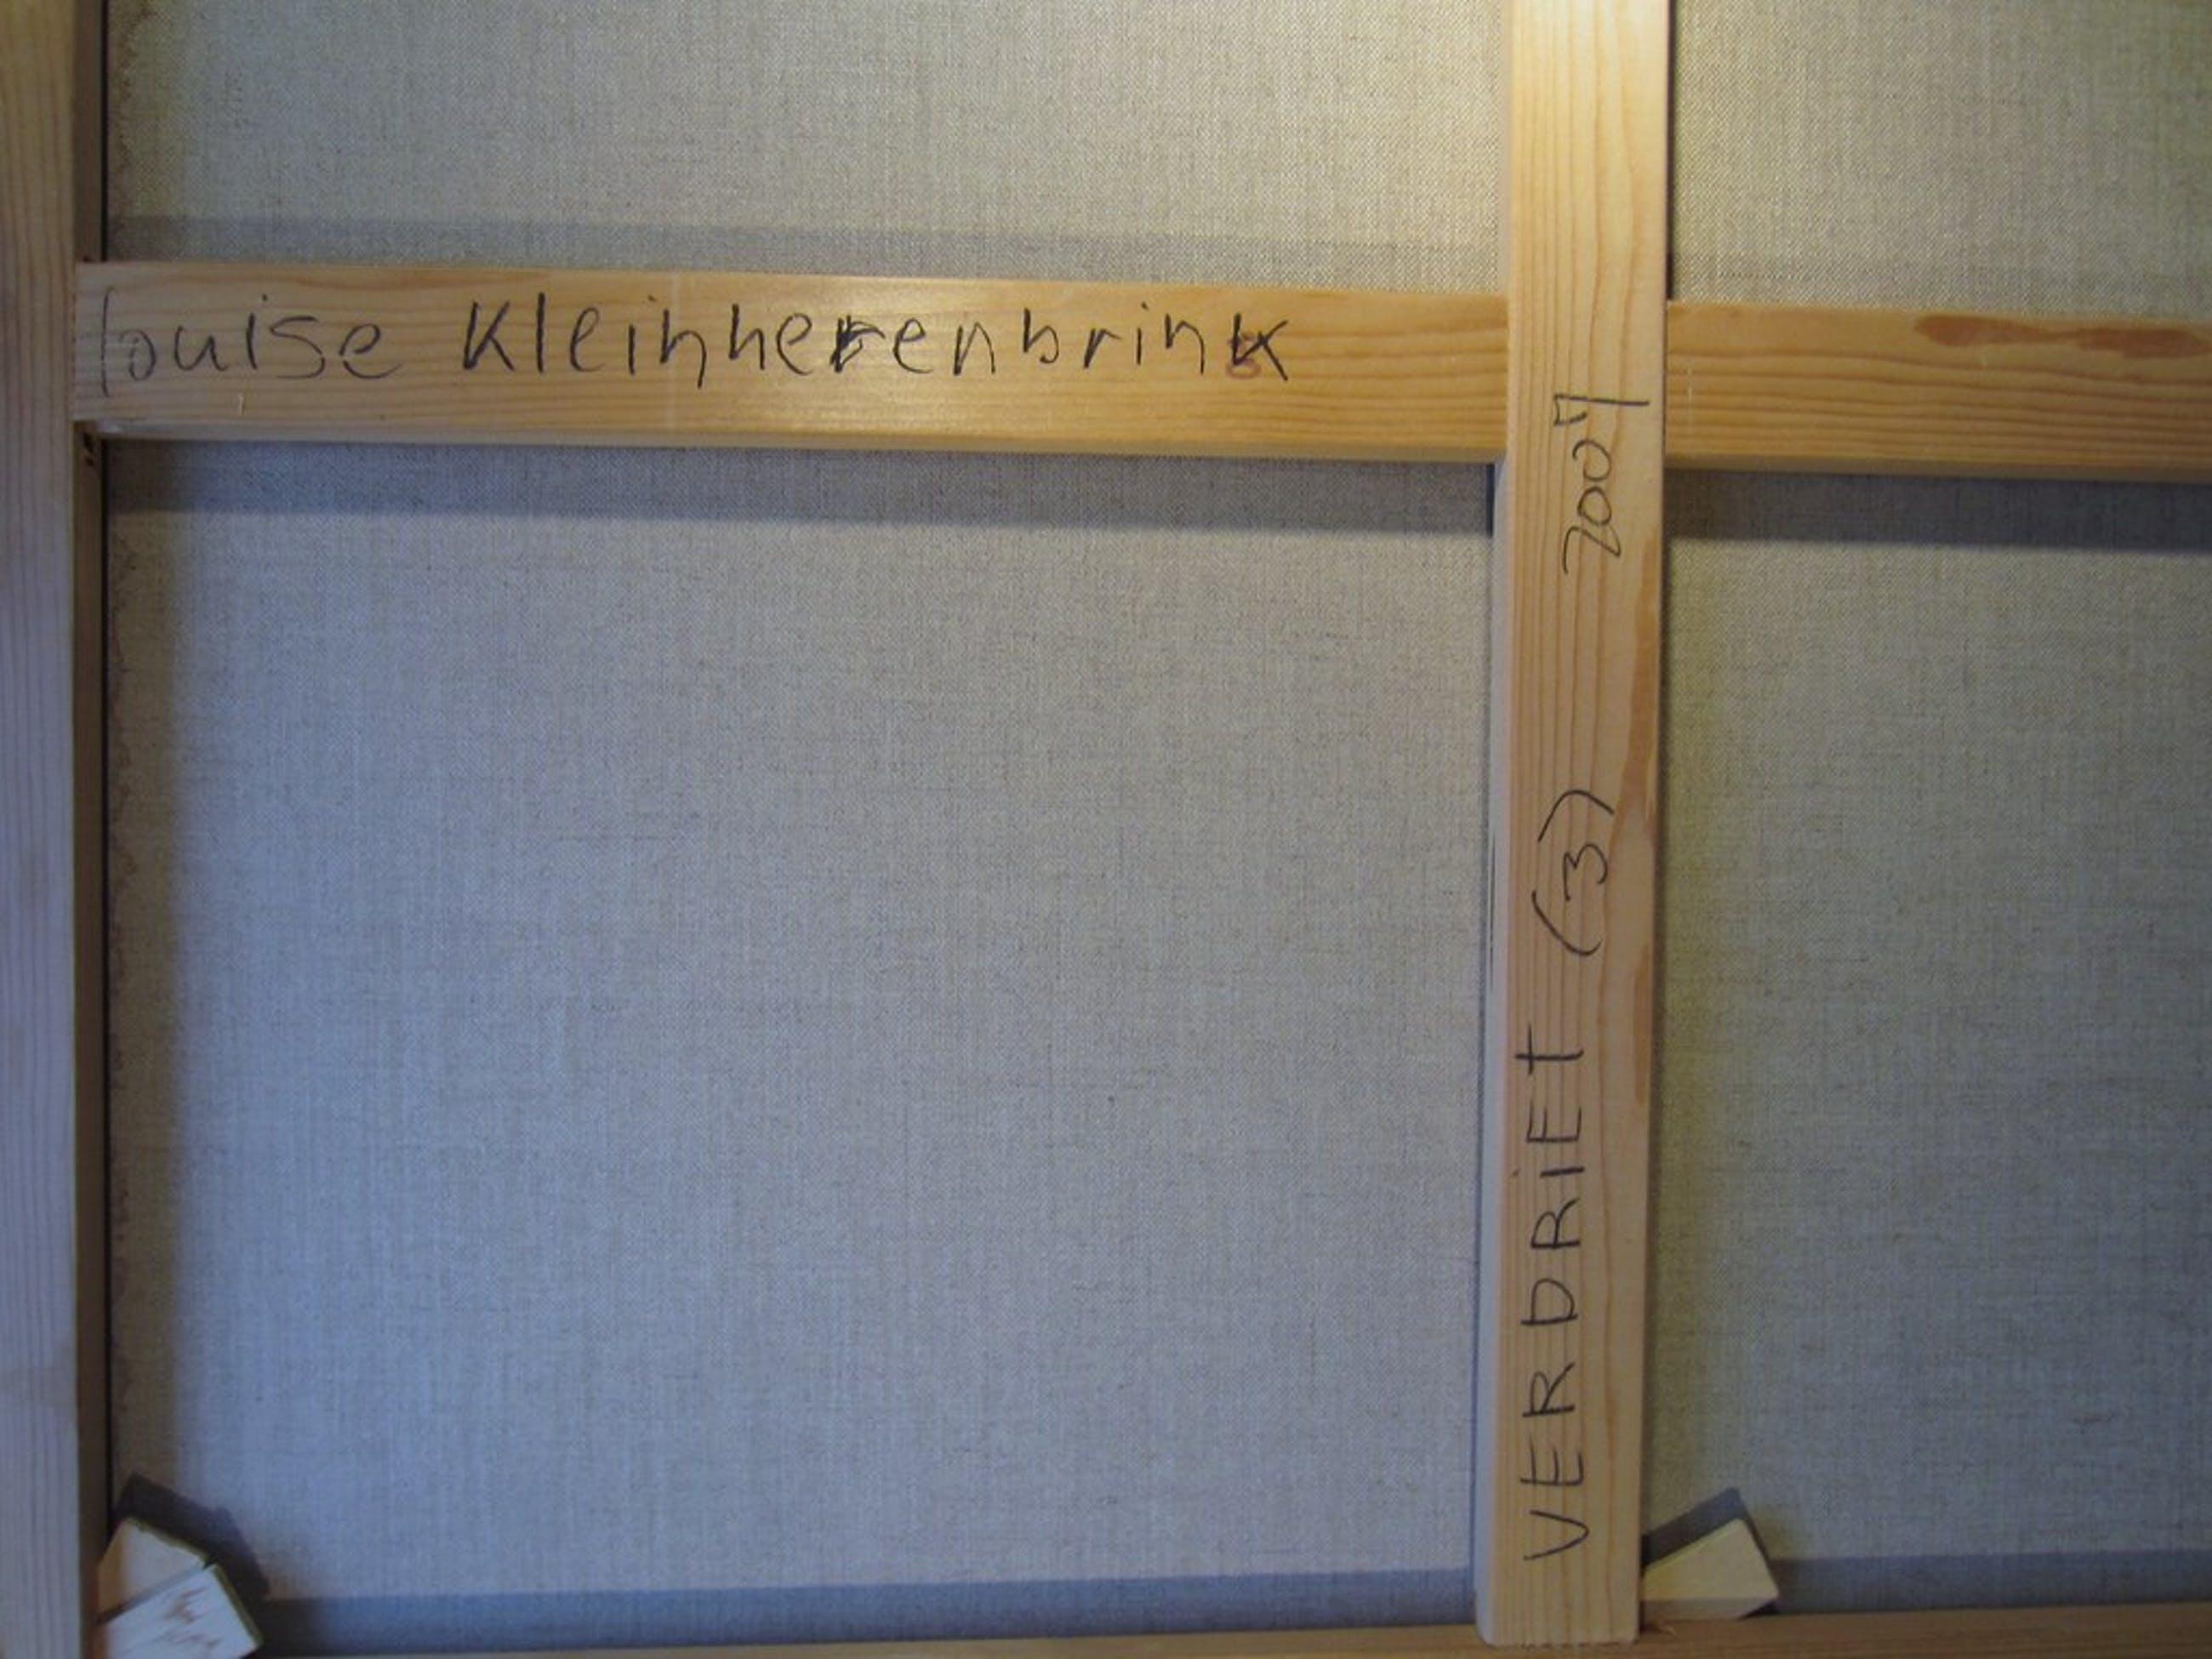 Schilderij Louise Kleinherenbrink 'Verdriet'  - Blerick / Ruurlo kopen? Bied vanaf 195!